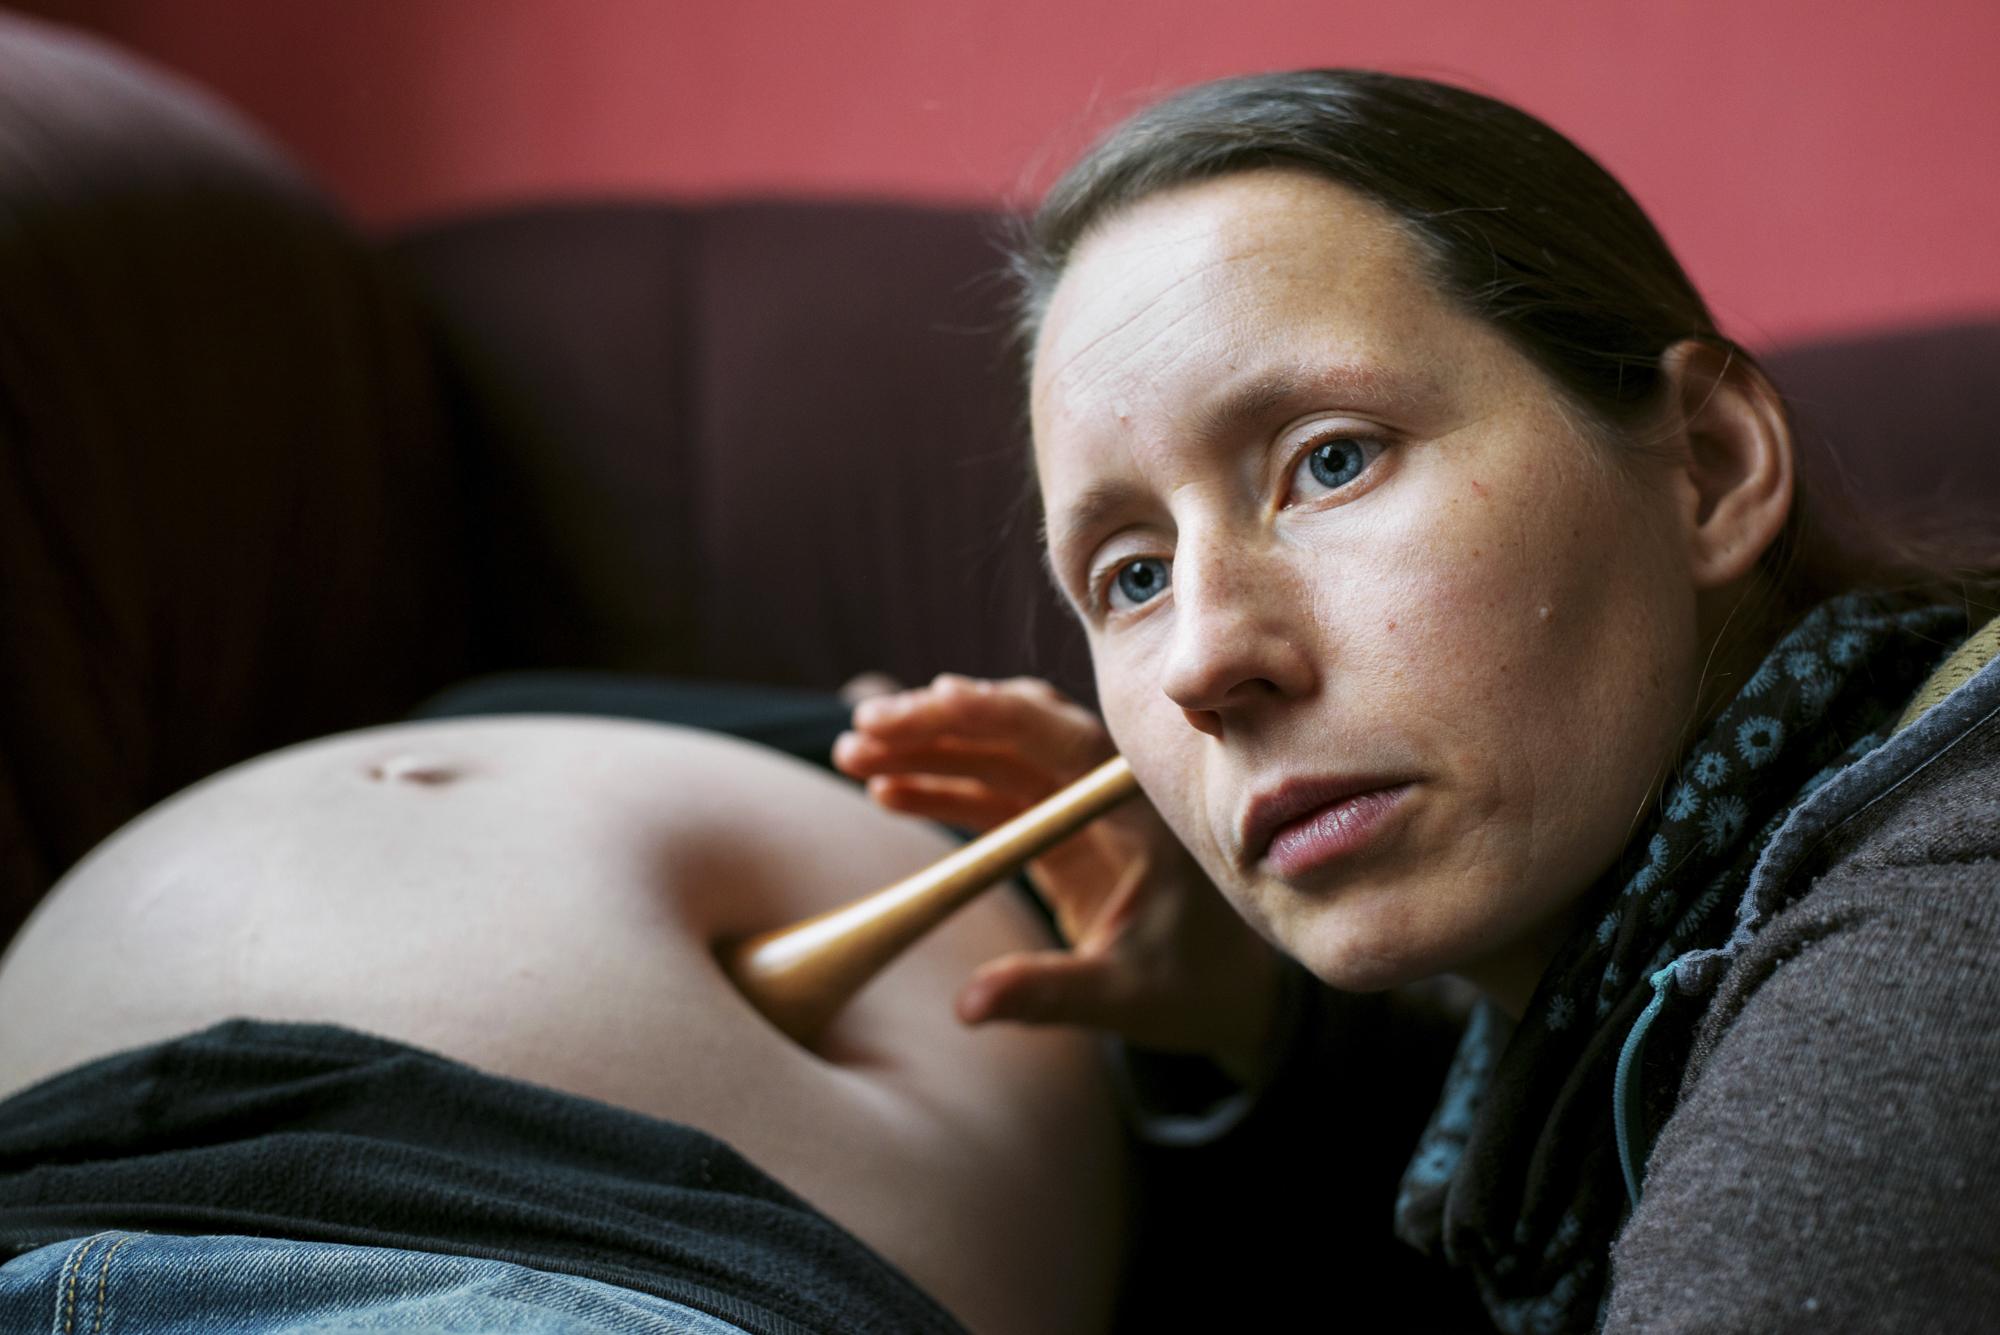 Midwife_Junker_28.jpg